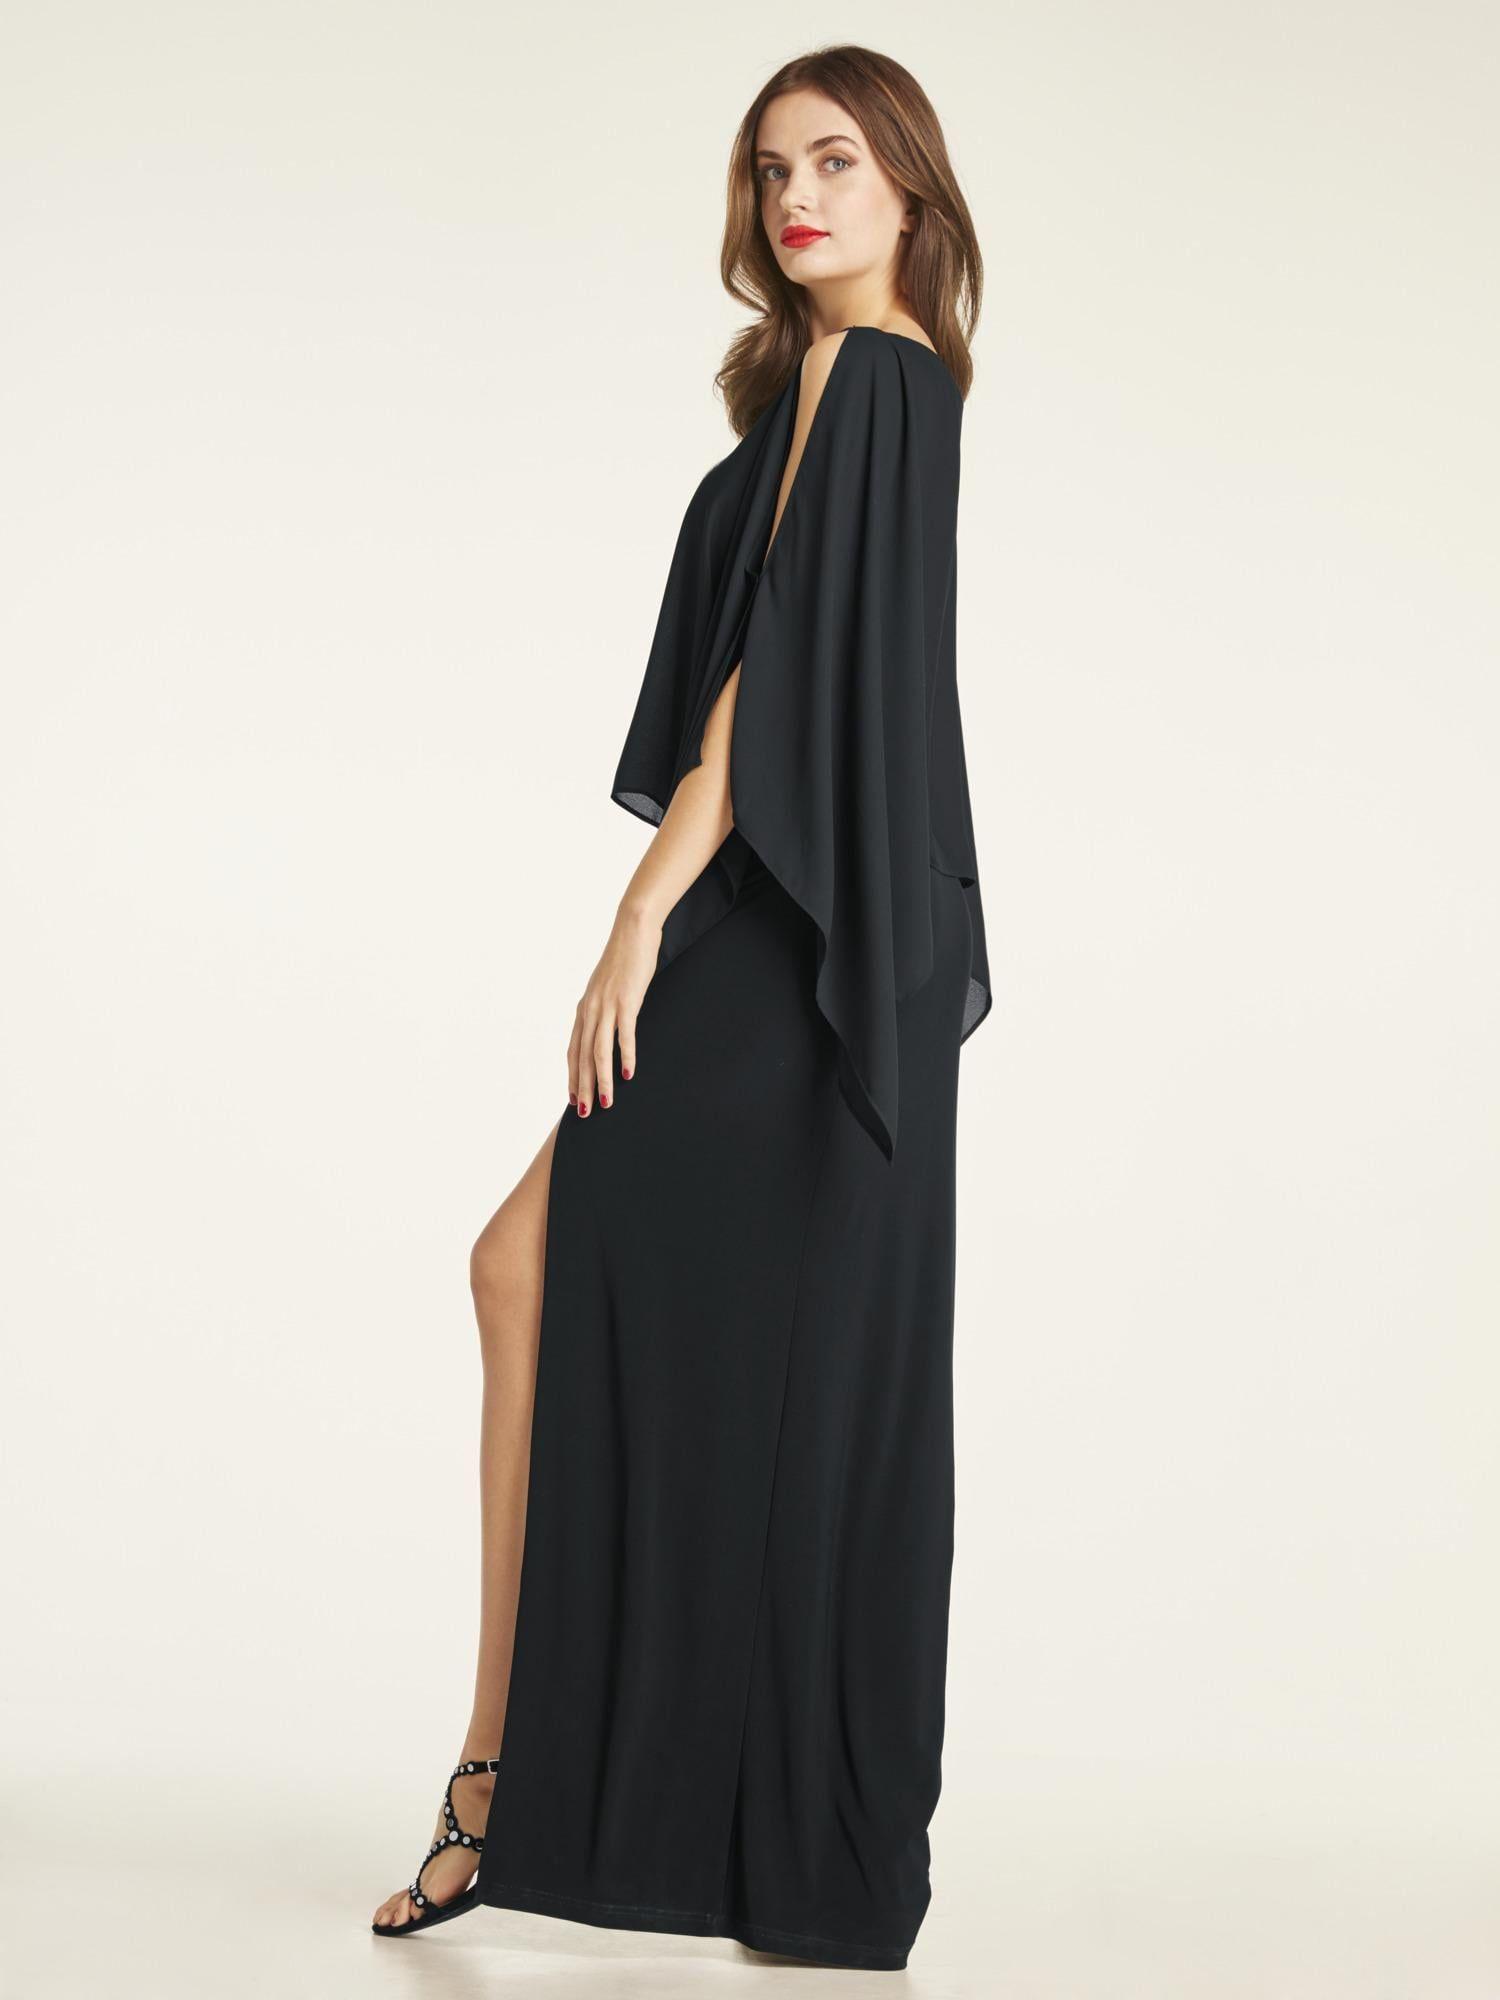 17 Luxus Abendkleid Im Lagenlook Boutique Leicht Abendkleid Im Lagenlook Spezialgebiet